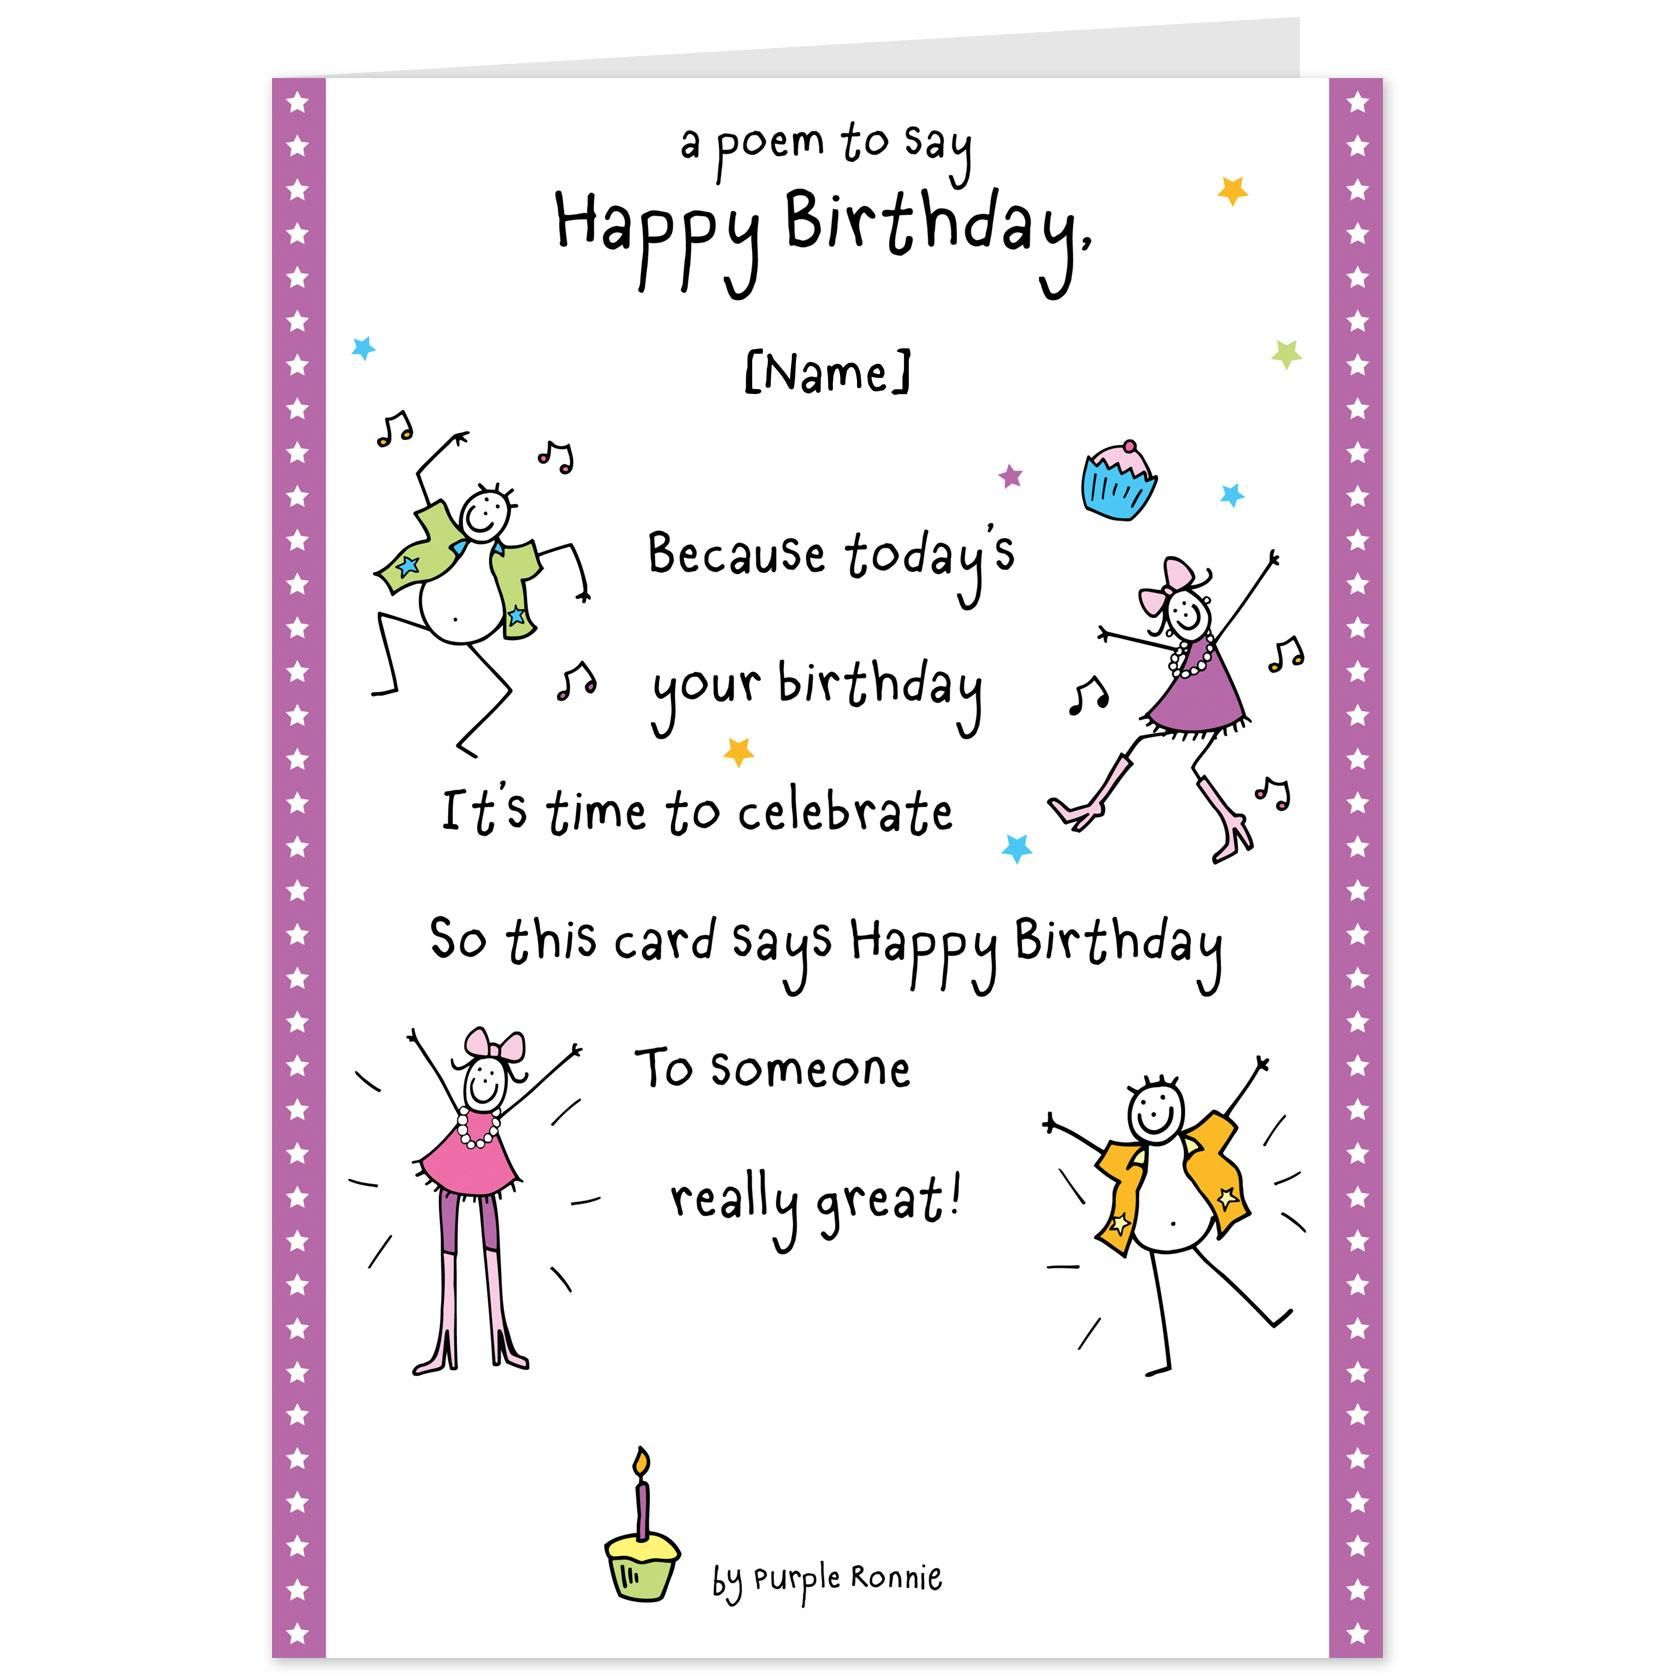 52 Best Happy Birthday Poems: Poem To Say Happy Birthday. Nicewishes.com